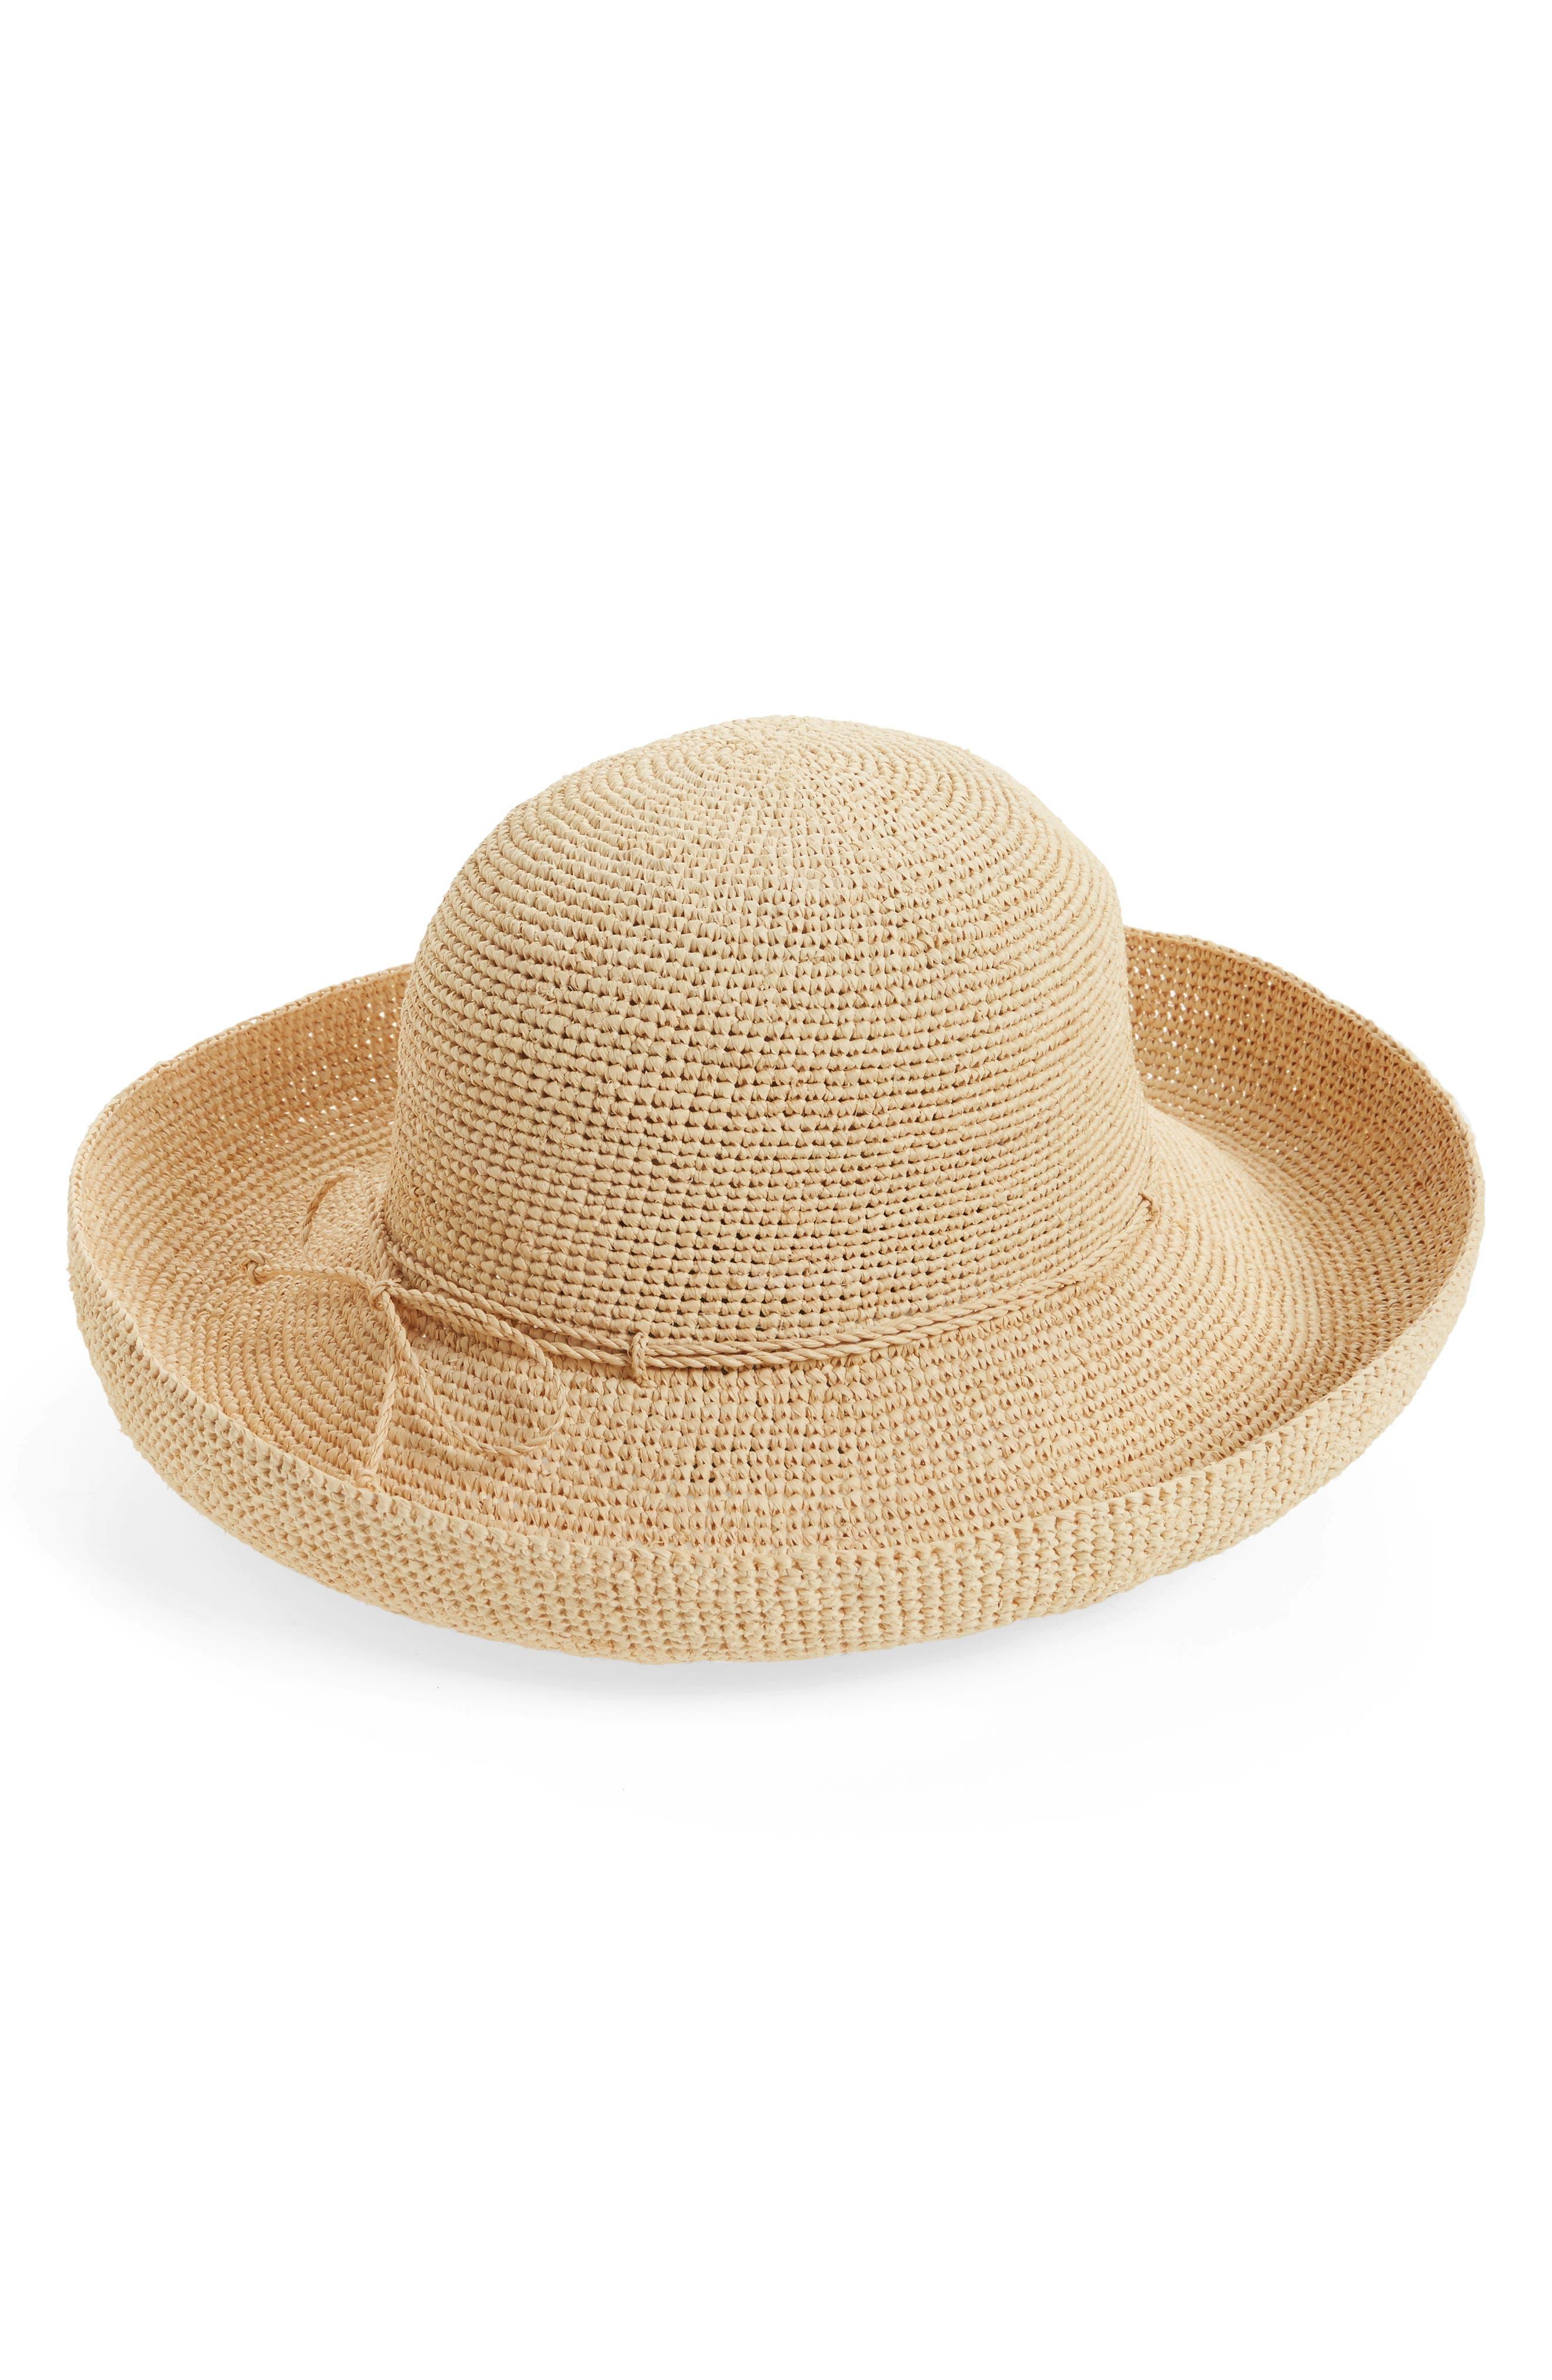 'Provence 12' Packable Raffia Hat,                             Alternate thumbnail 23, color,